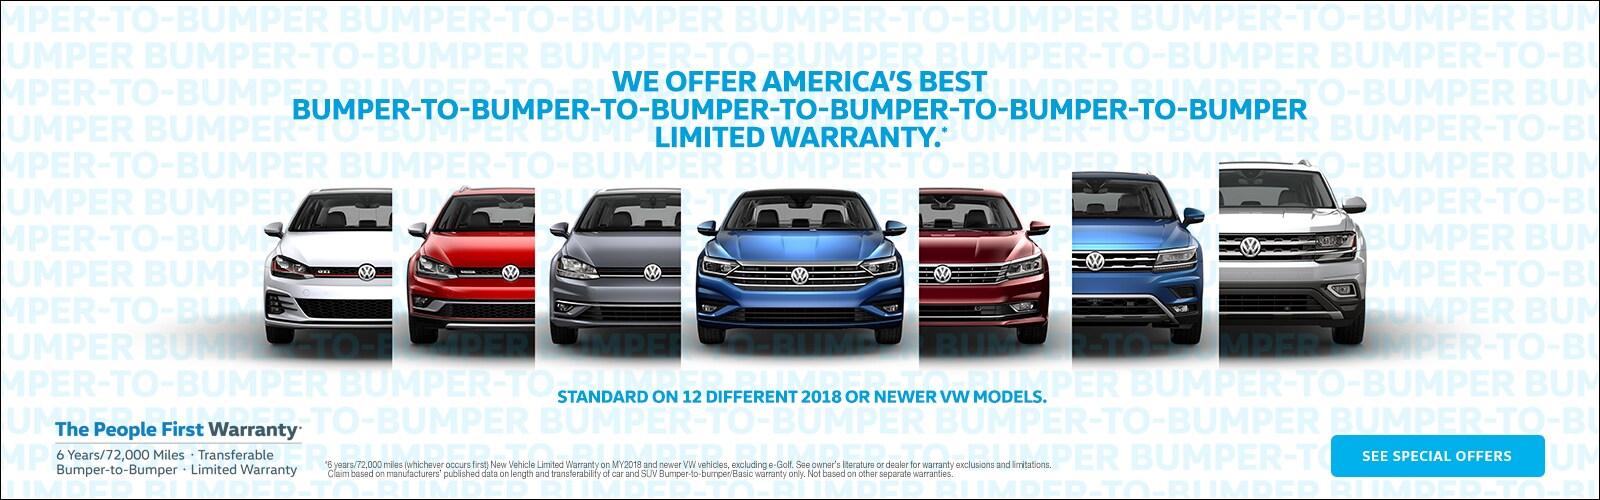 Harper Volkswagen Volkswagen Dealership In Knoxville TN - Harper audi knoxville tn